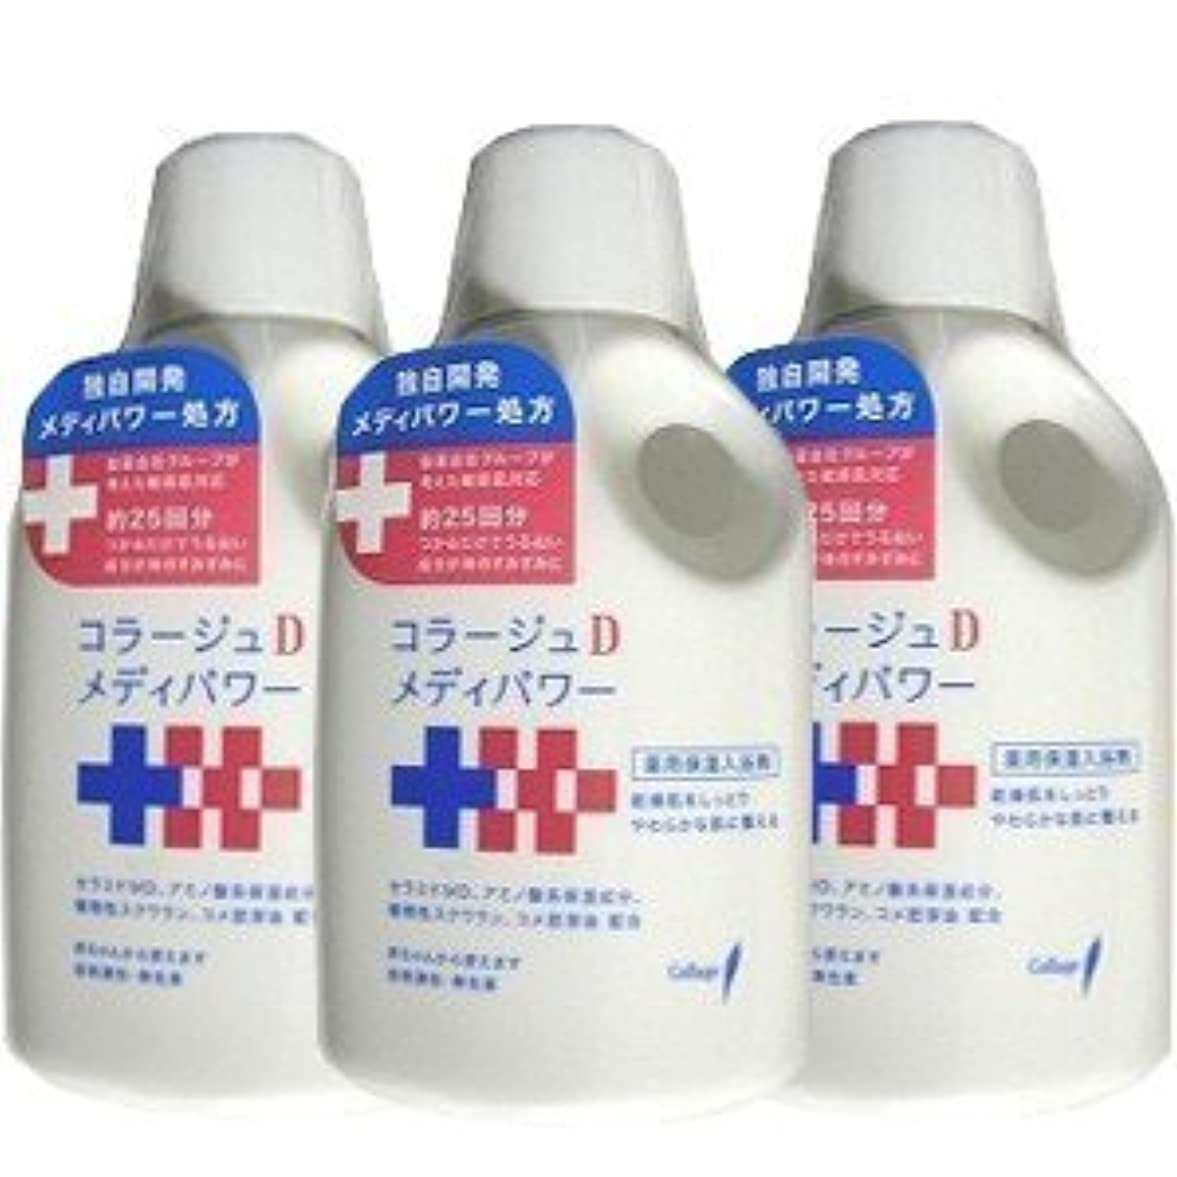 スカリーびっくりする優れました【3本】コラージュD メディパワー保湿入浴剤 500mlx3本